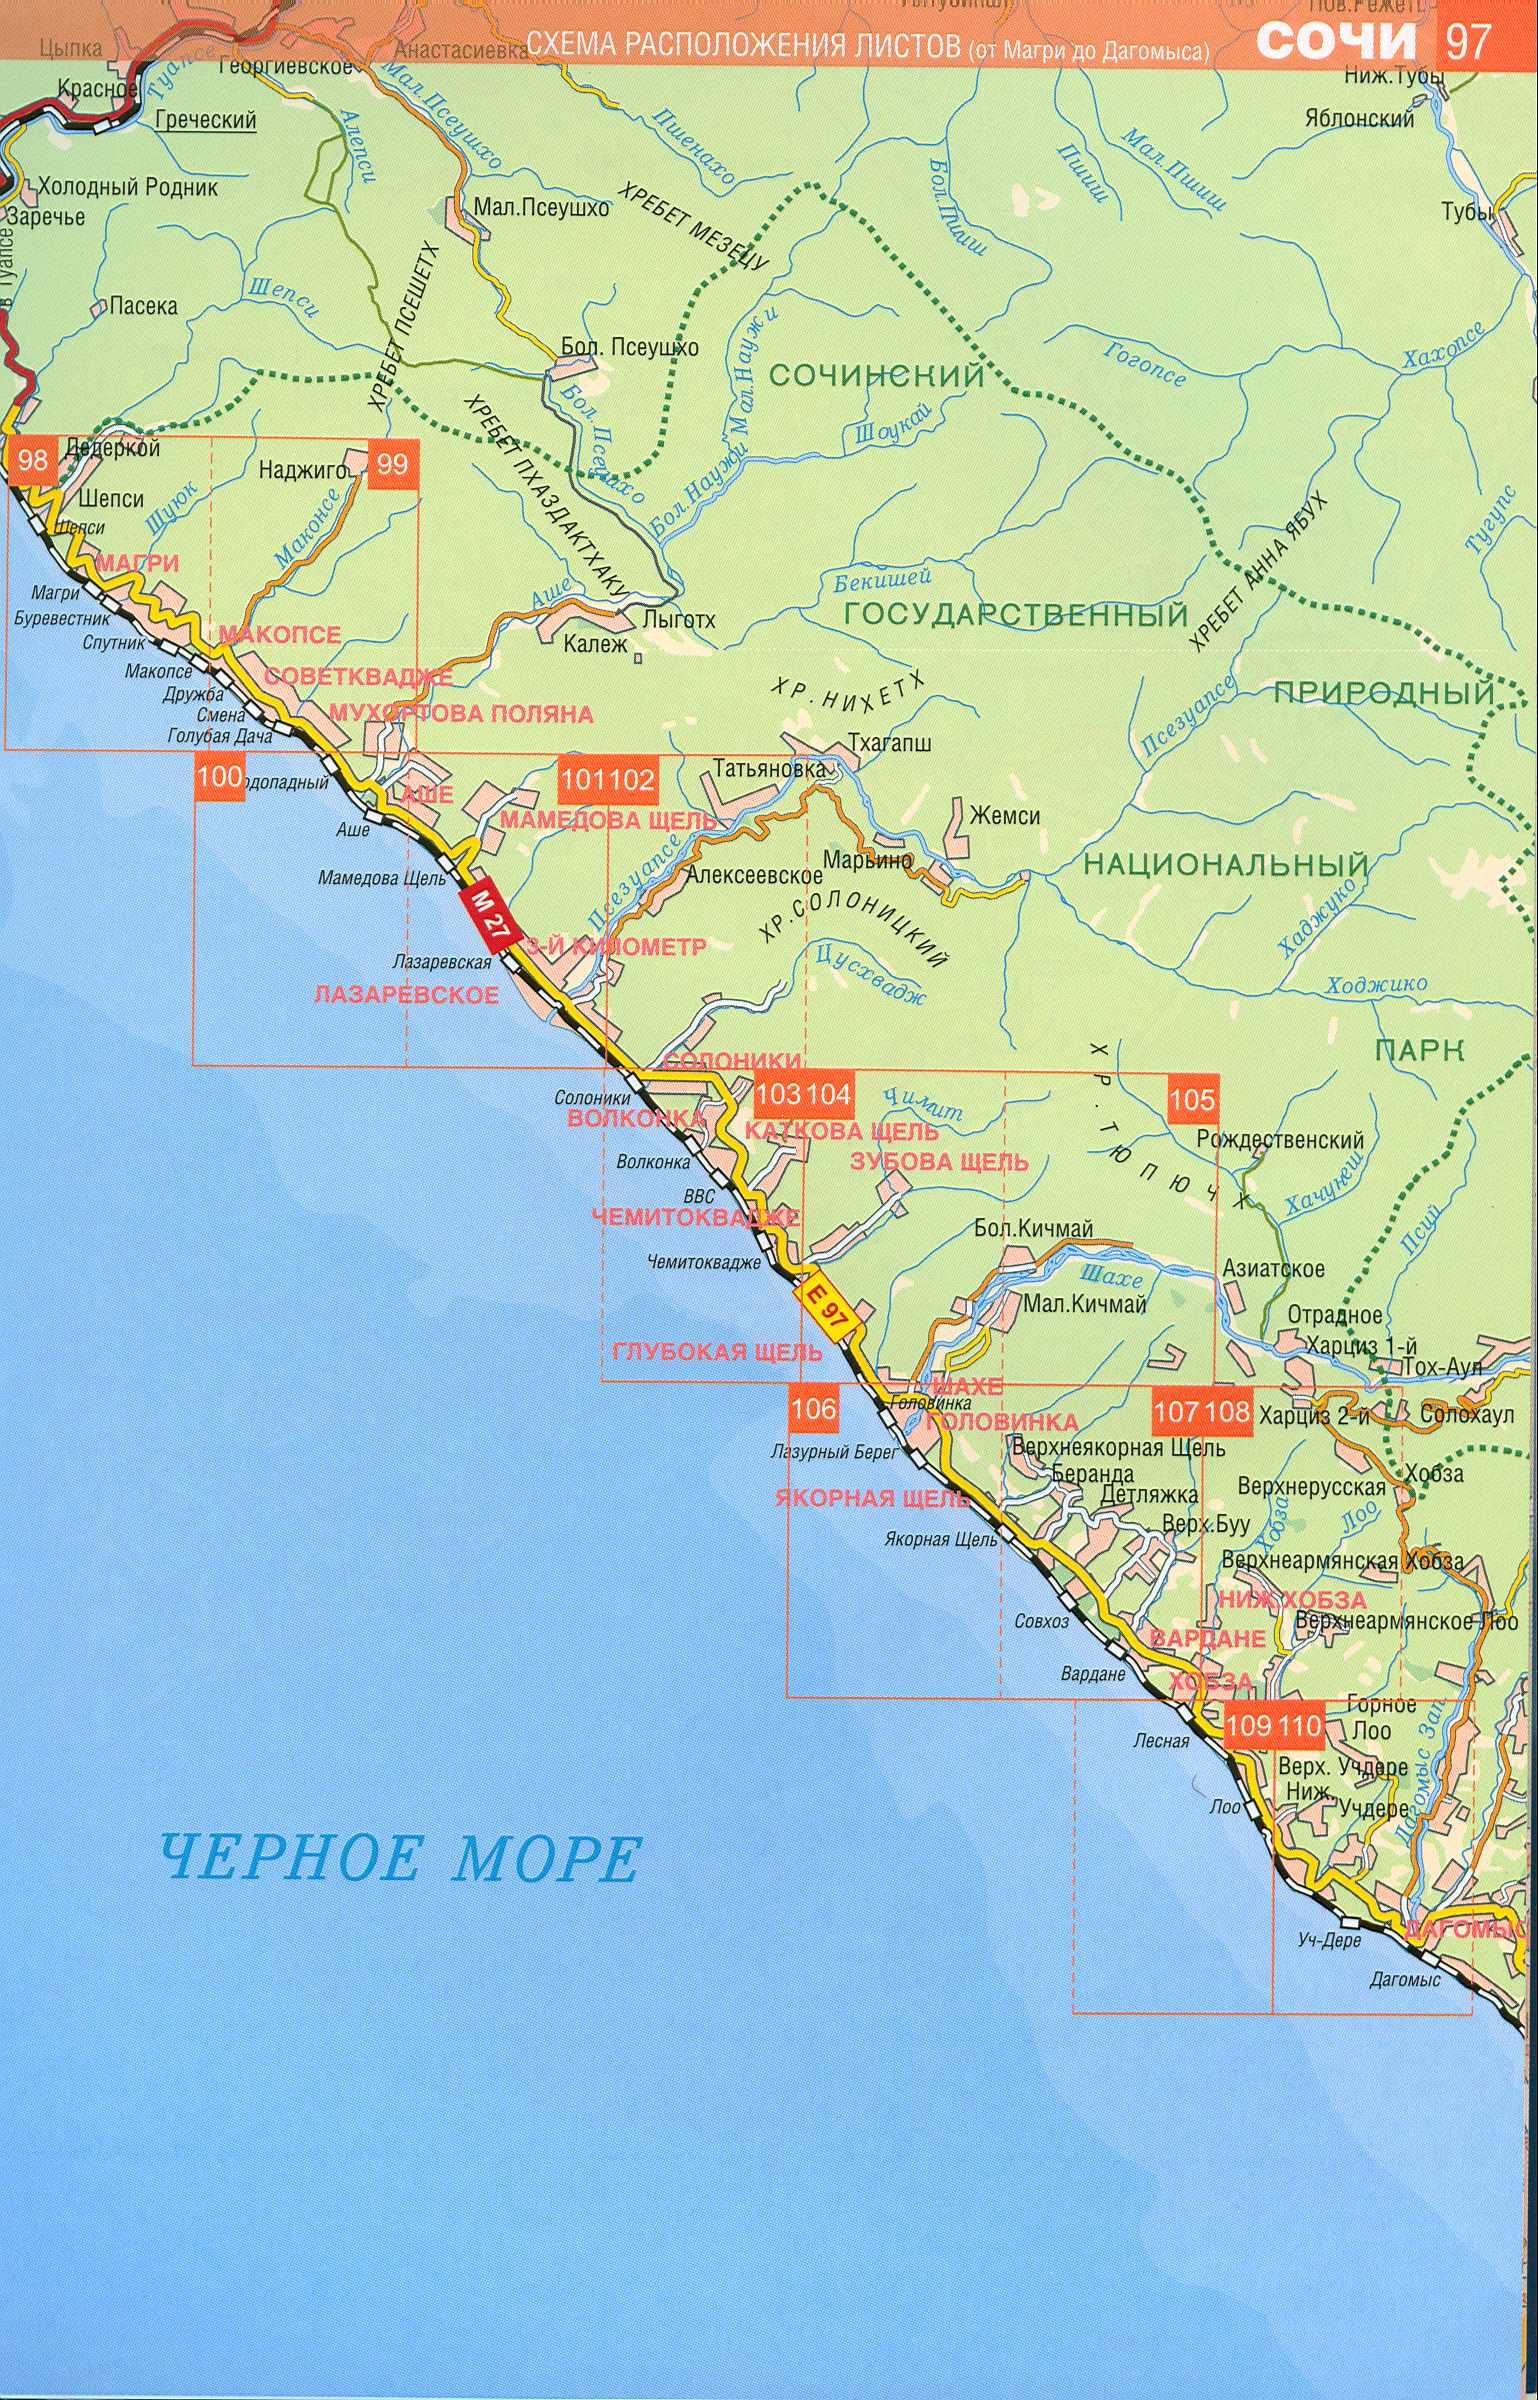 Карта Краснодара и Краснодарского края скачать бесплатно.